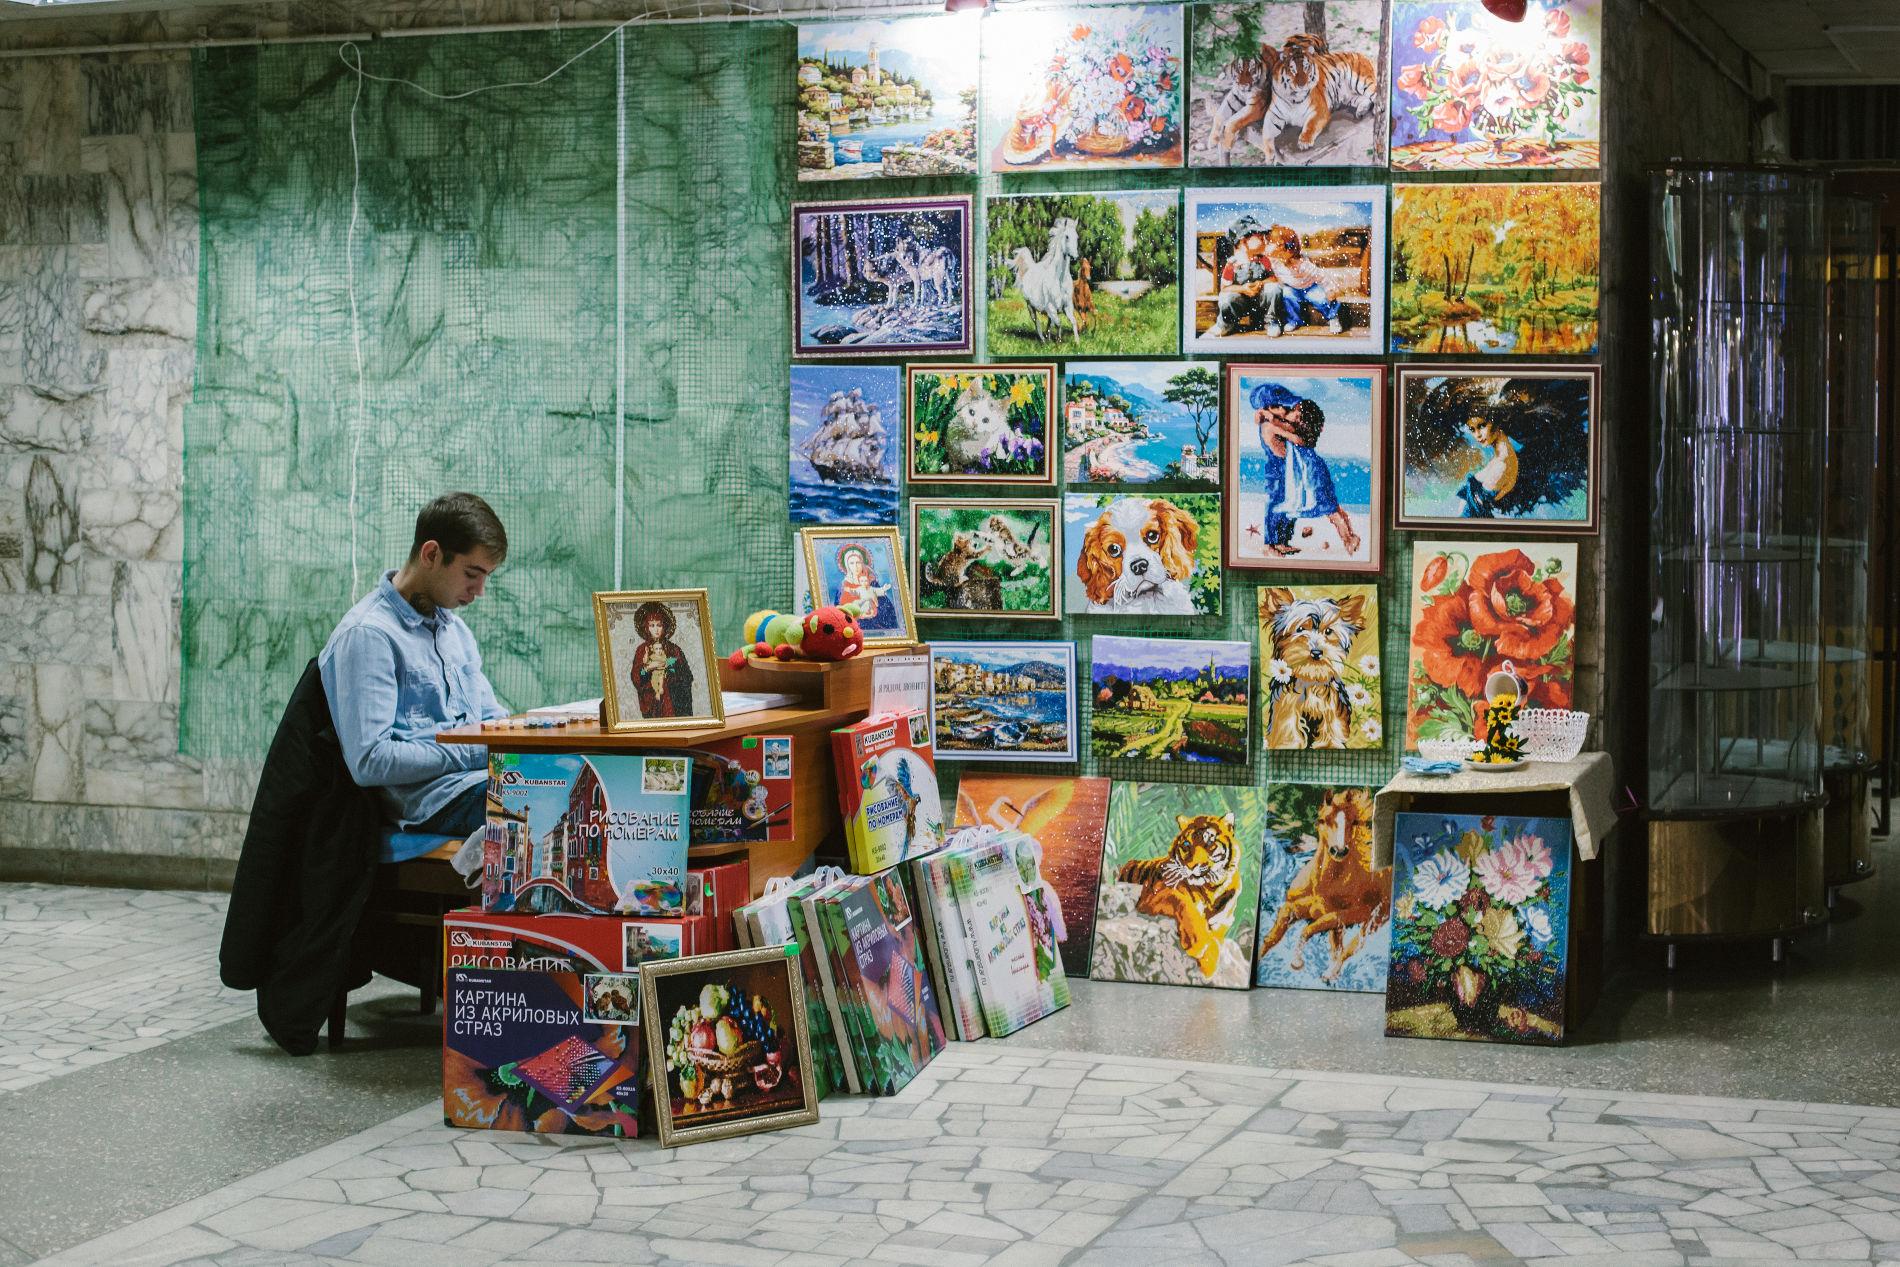 Краснодарский дом книги ©Фото Марии Малышевой, Юга.ру